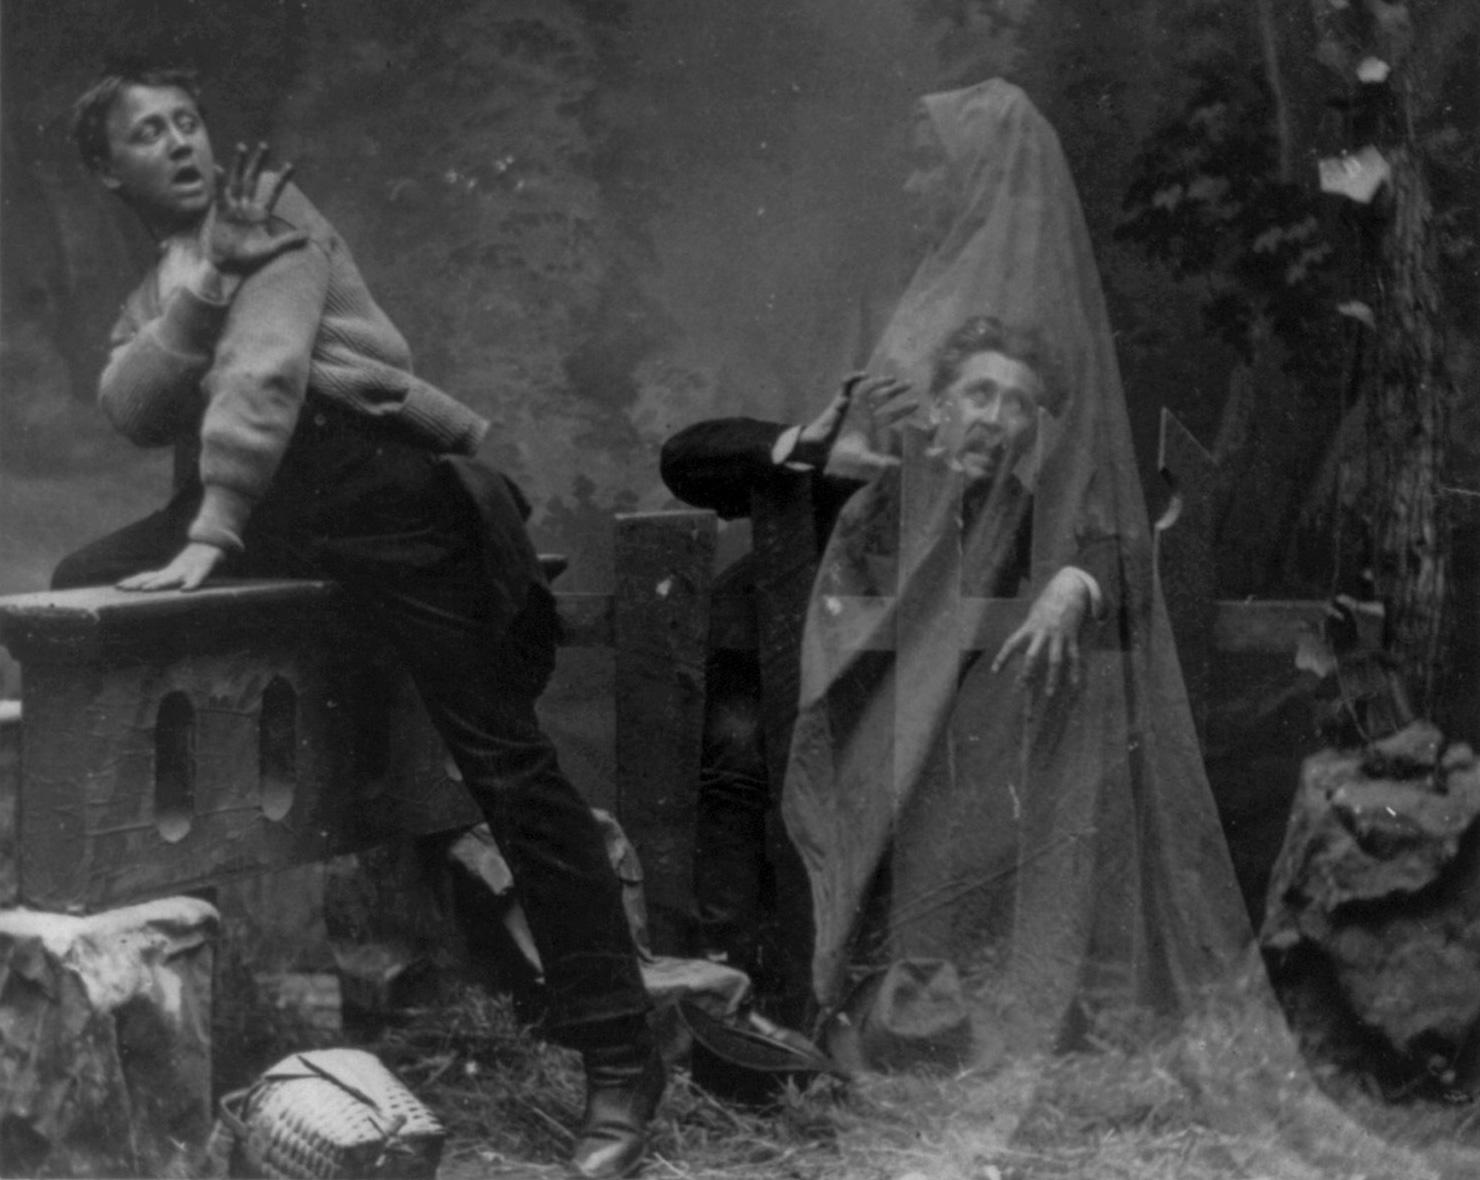 историей смотреть фотографии старых времен мистика понравился санаторий